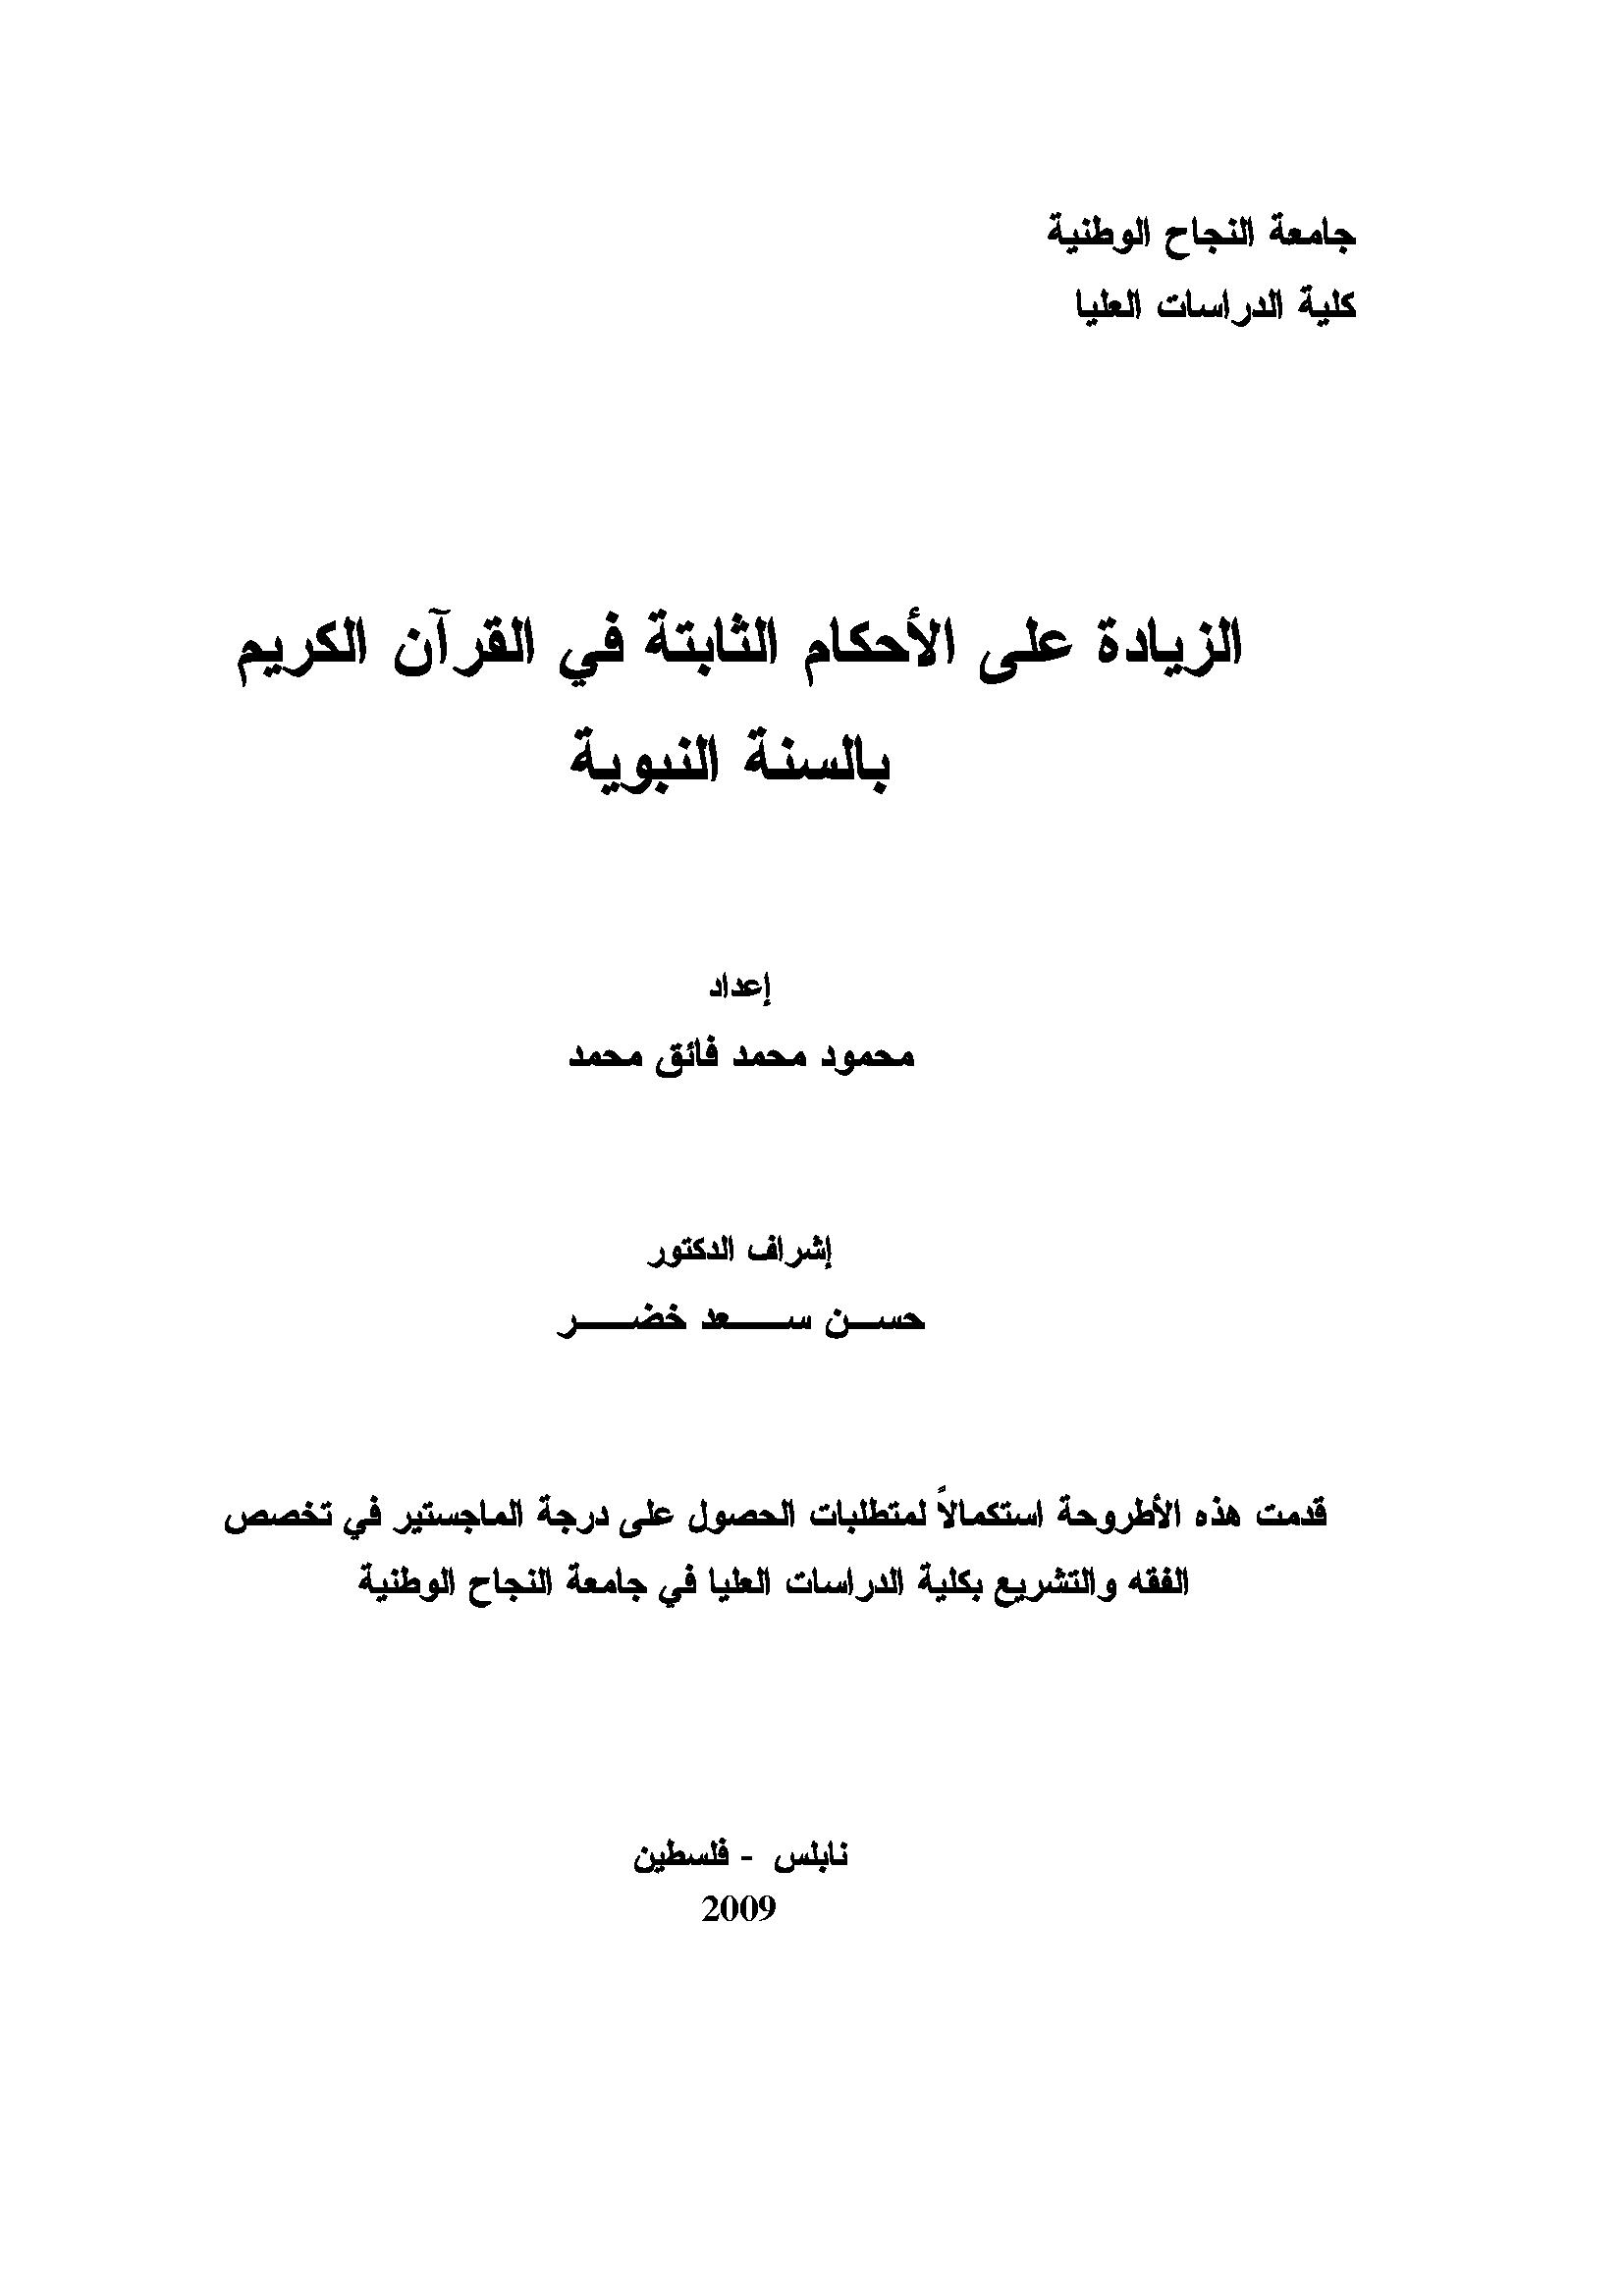 تحميل كتاب الزيادة على الأحكام الثابتة في القرآن الكريم بالسنة النبوية لـِ: محمود محمد فائق محمد